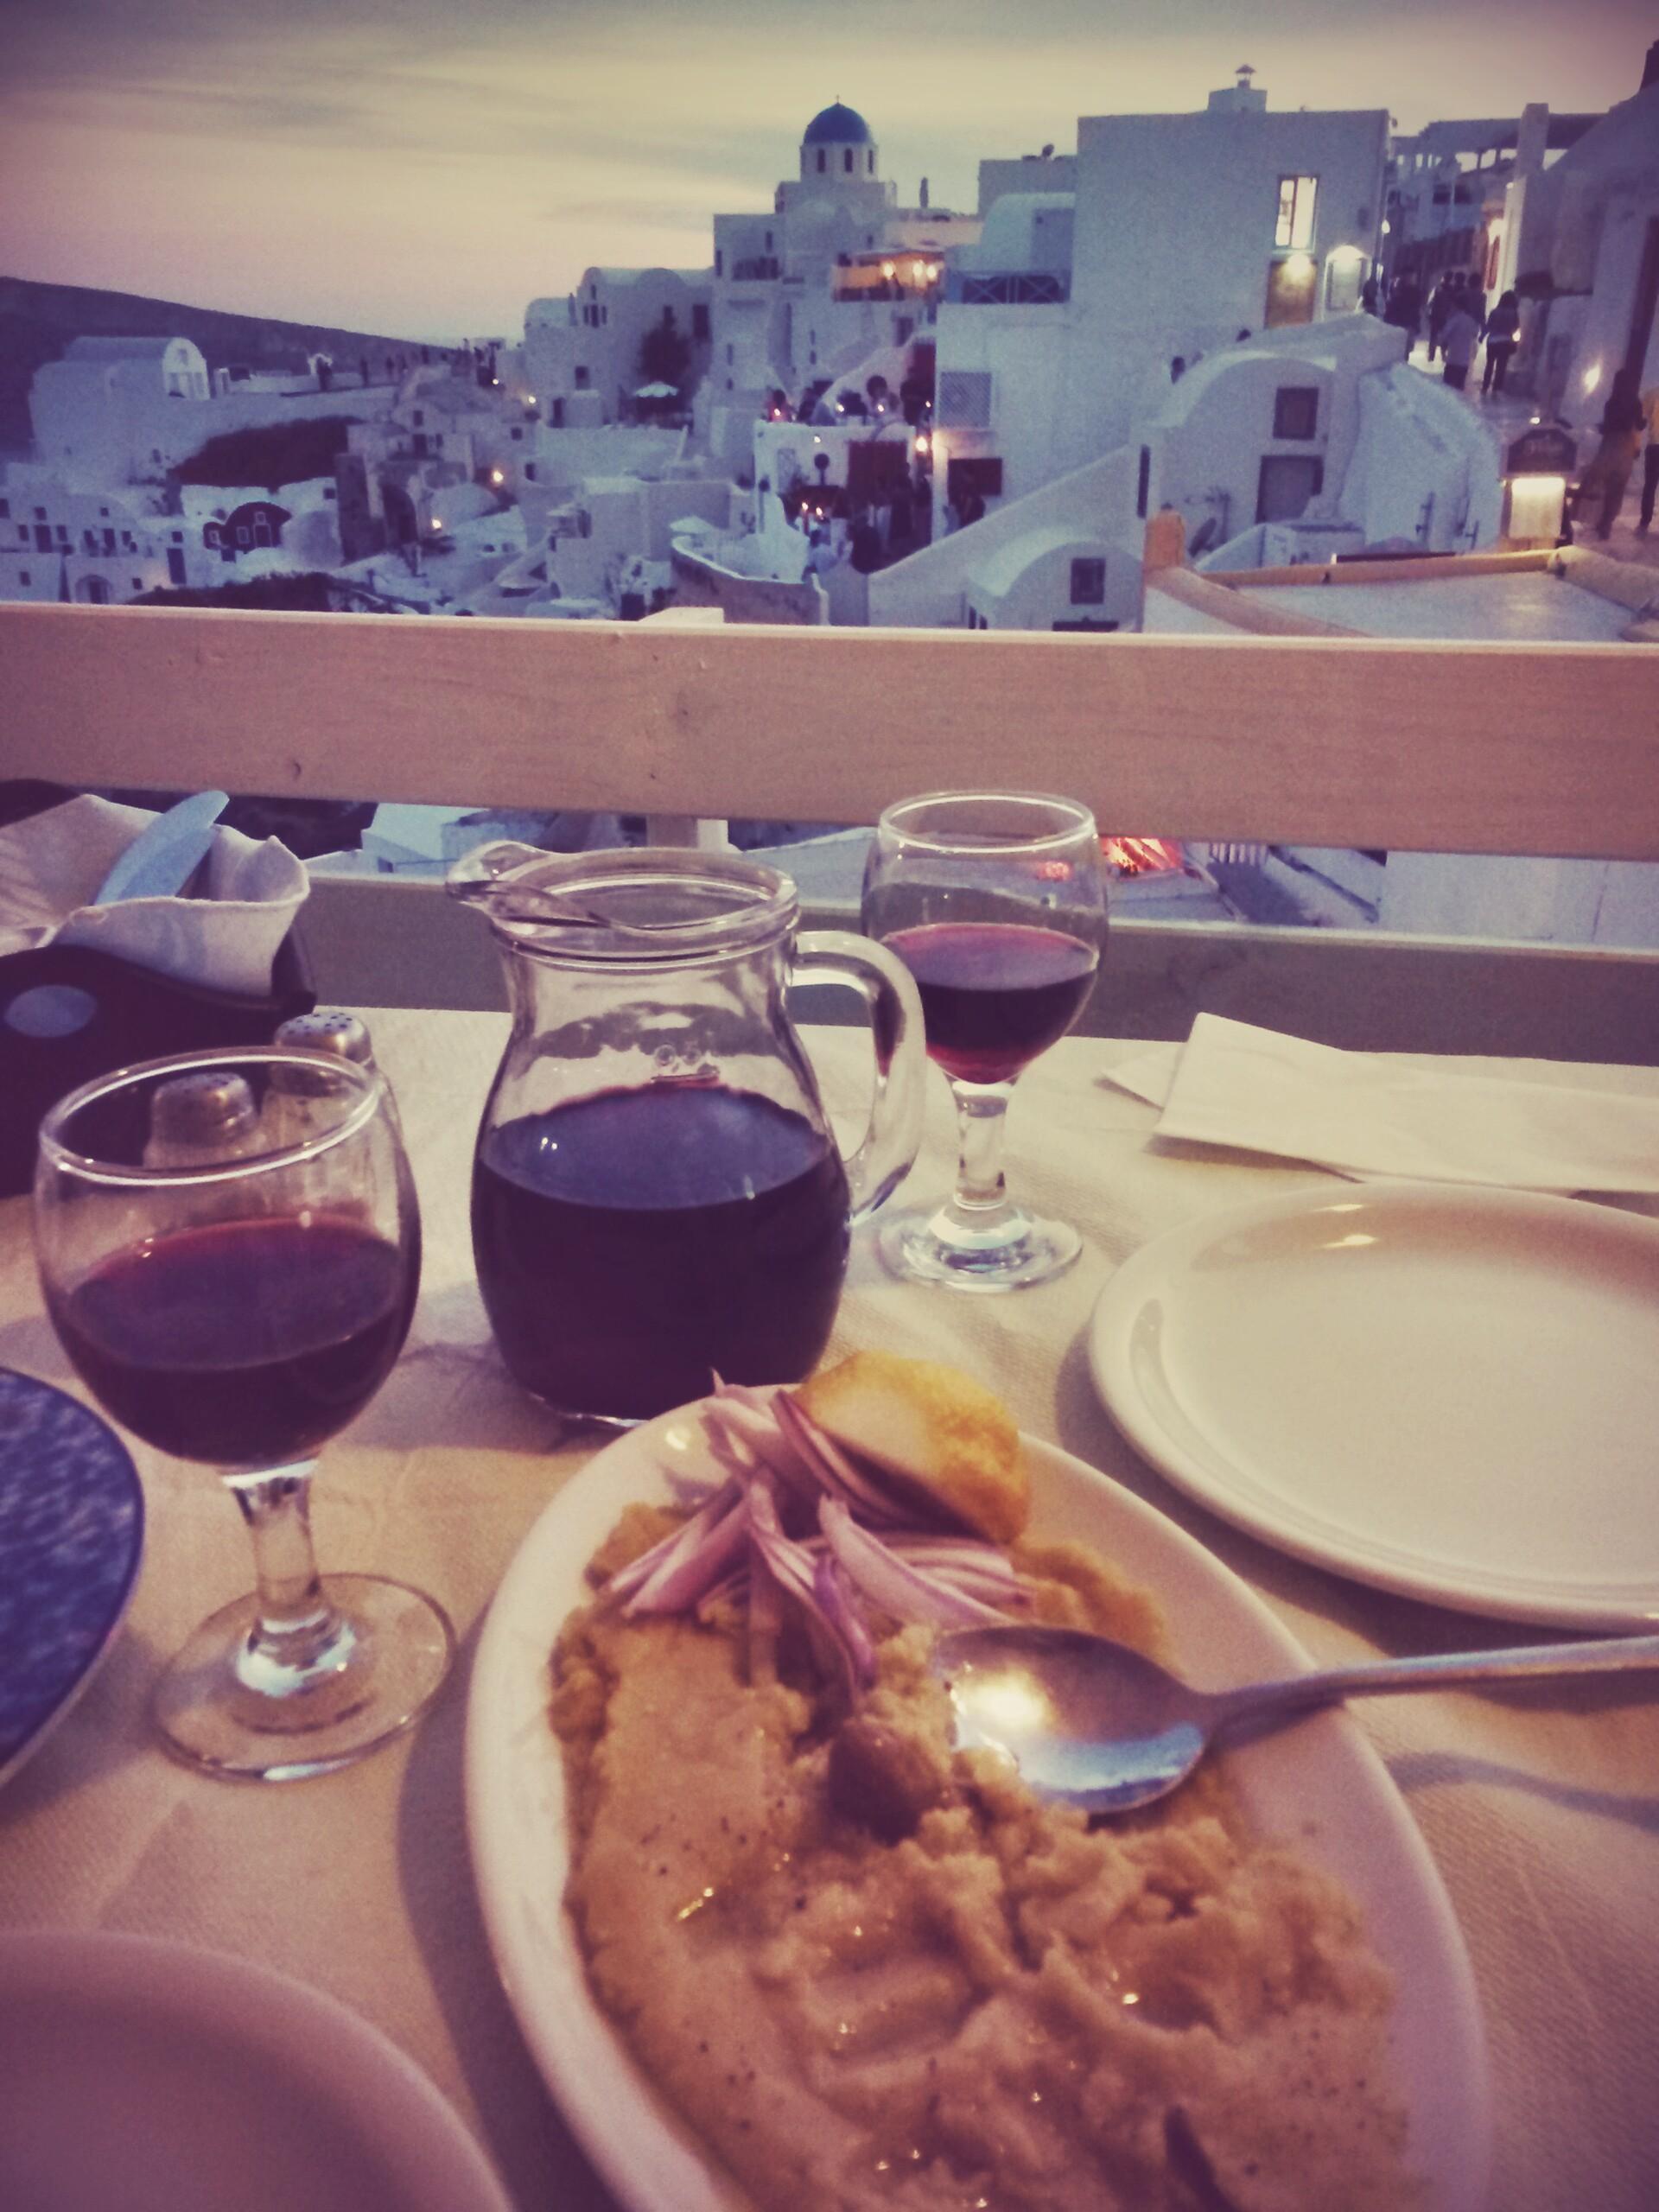 Fava beans and Agiorgitiko on Santorini. Not too shabby!